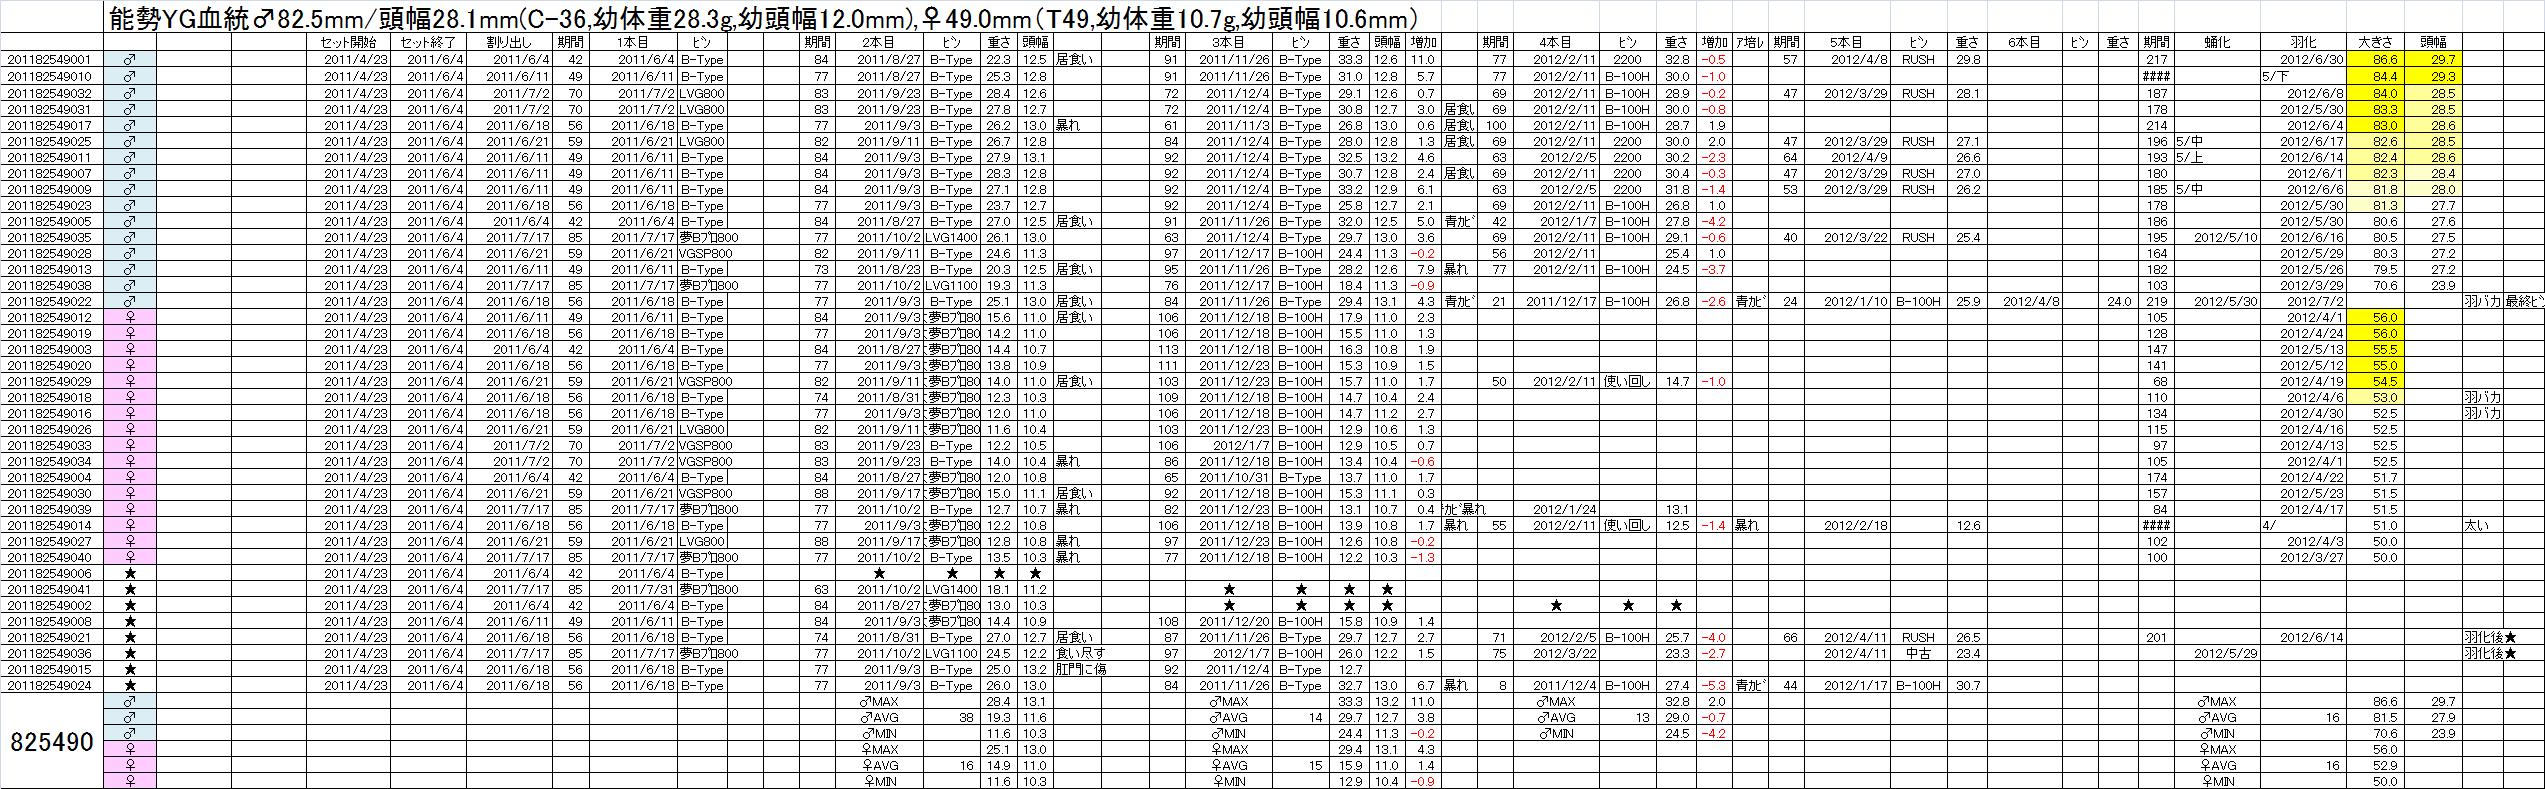 飼育管理表 2011-12 825x490